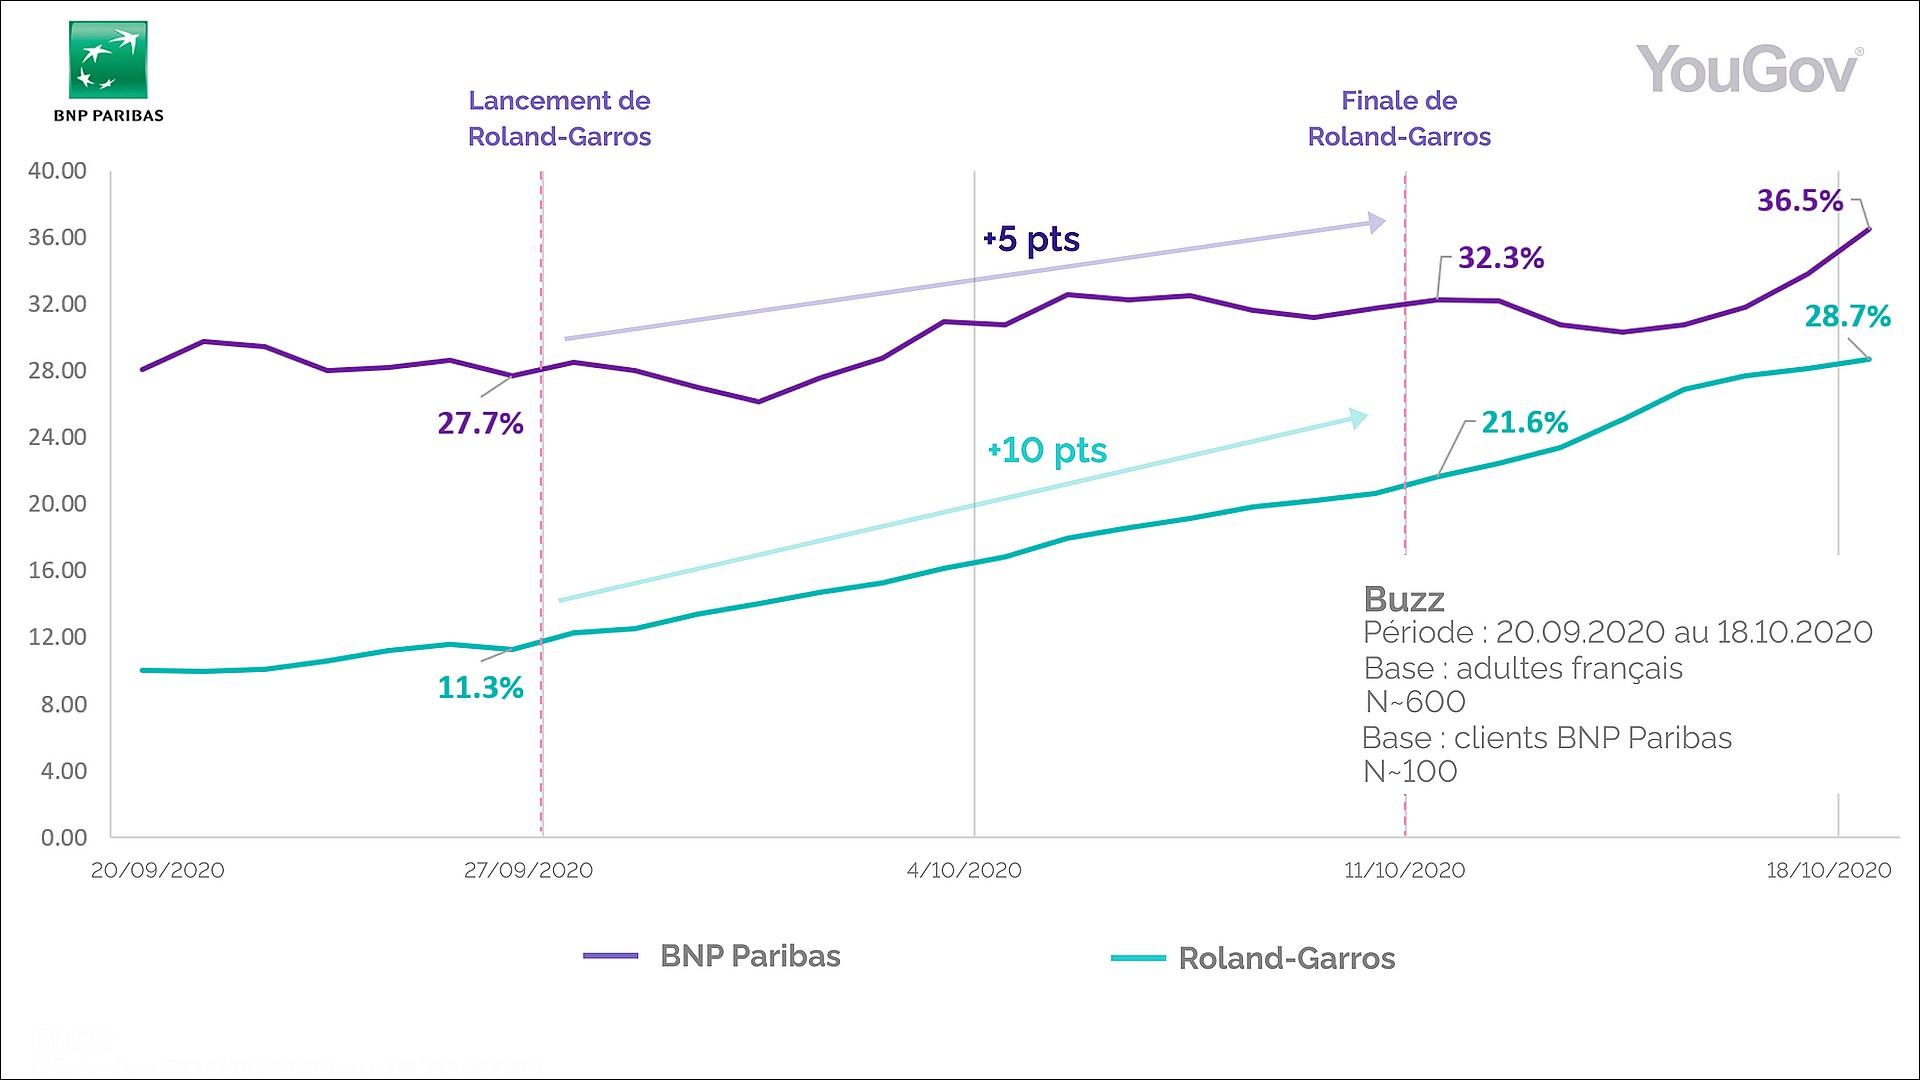 You Gov Etude BNP Paribas Roland Garros 2020